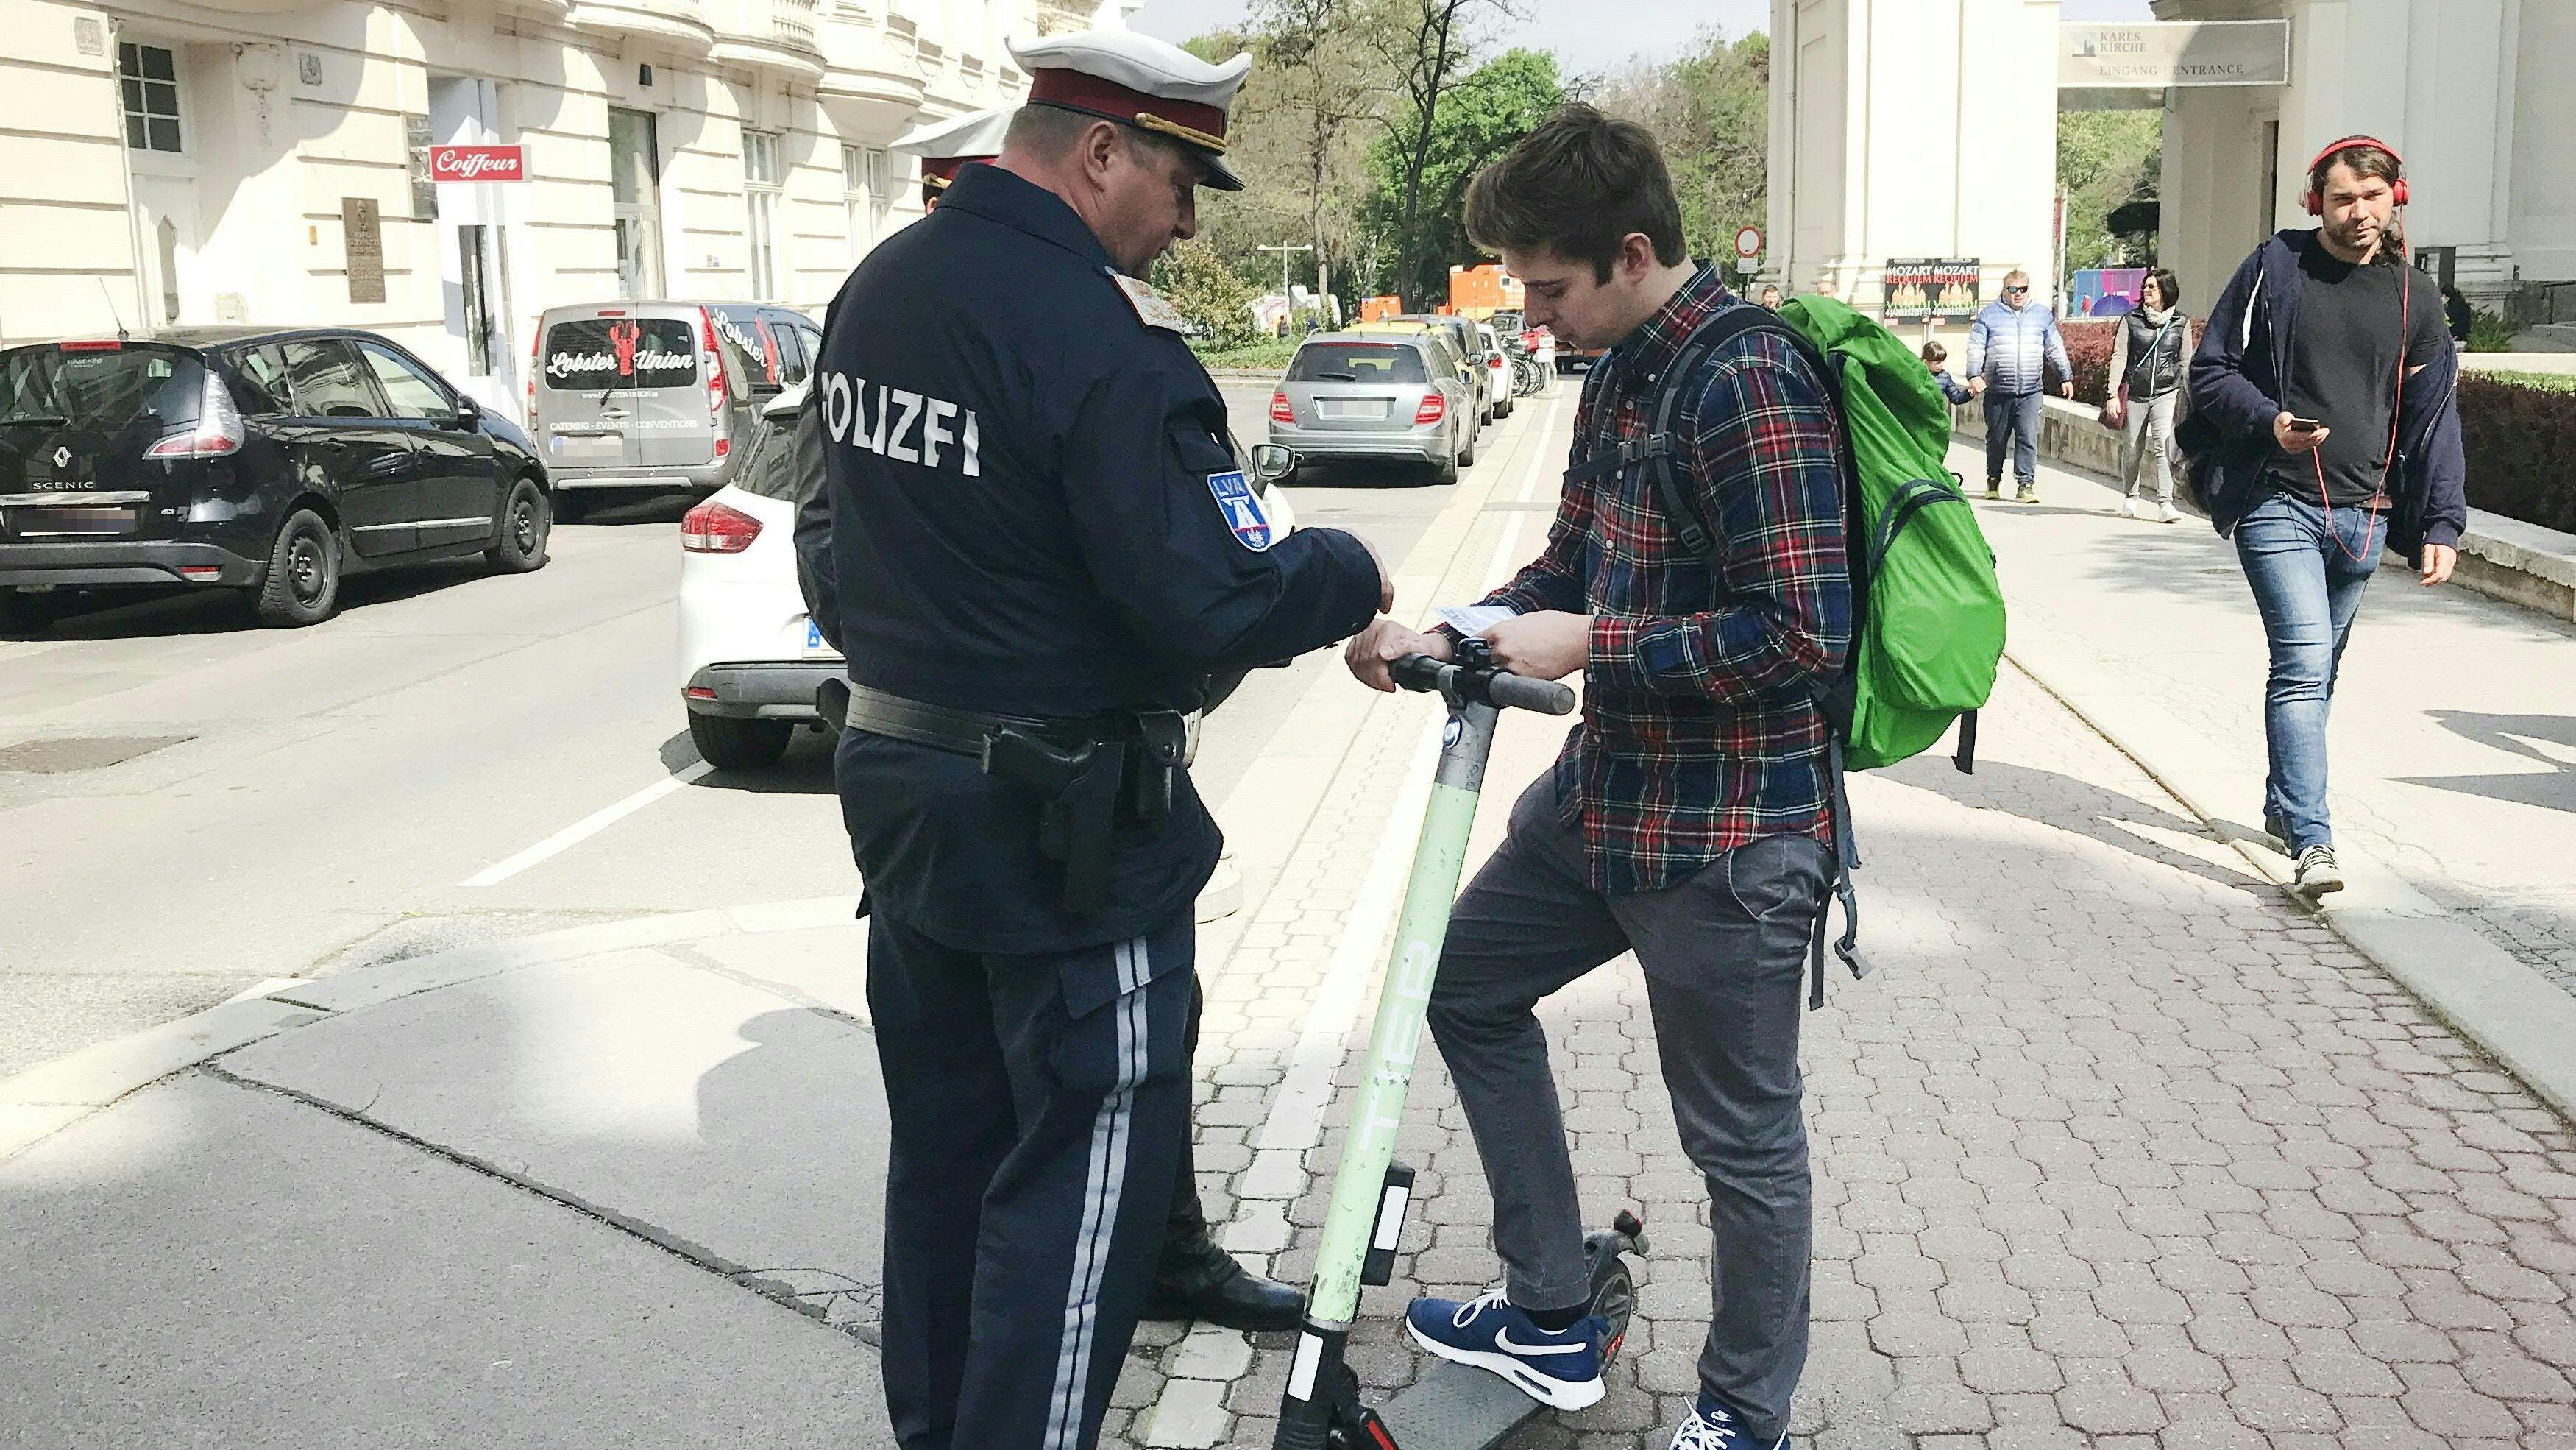 Österreich: Zwei Polizisten kontrollieren einen E-Tretroller-Fahrer